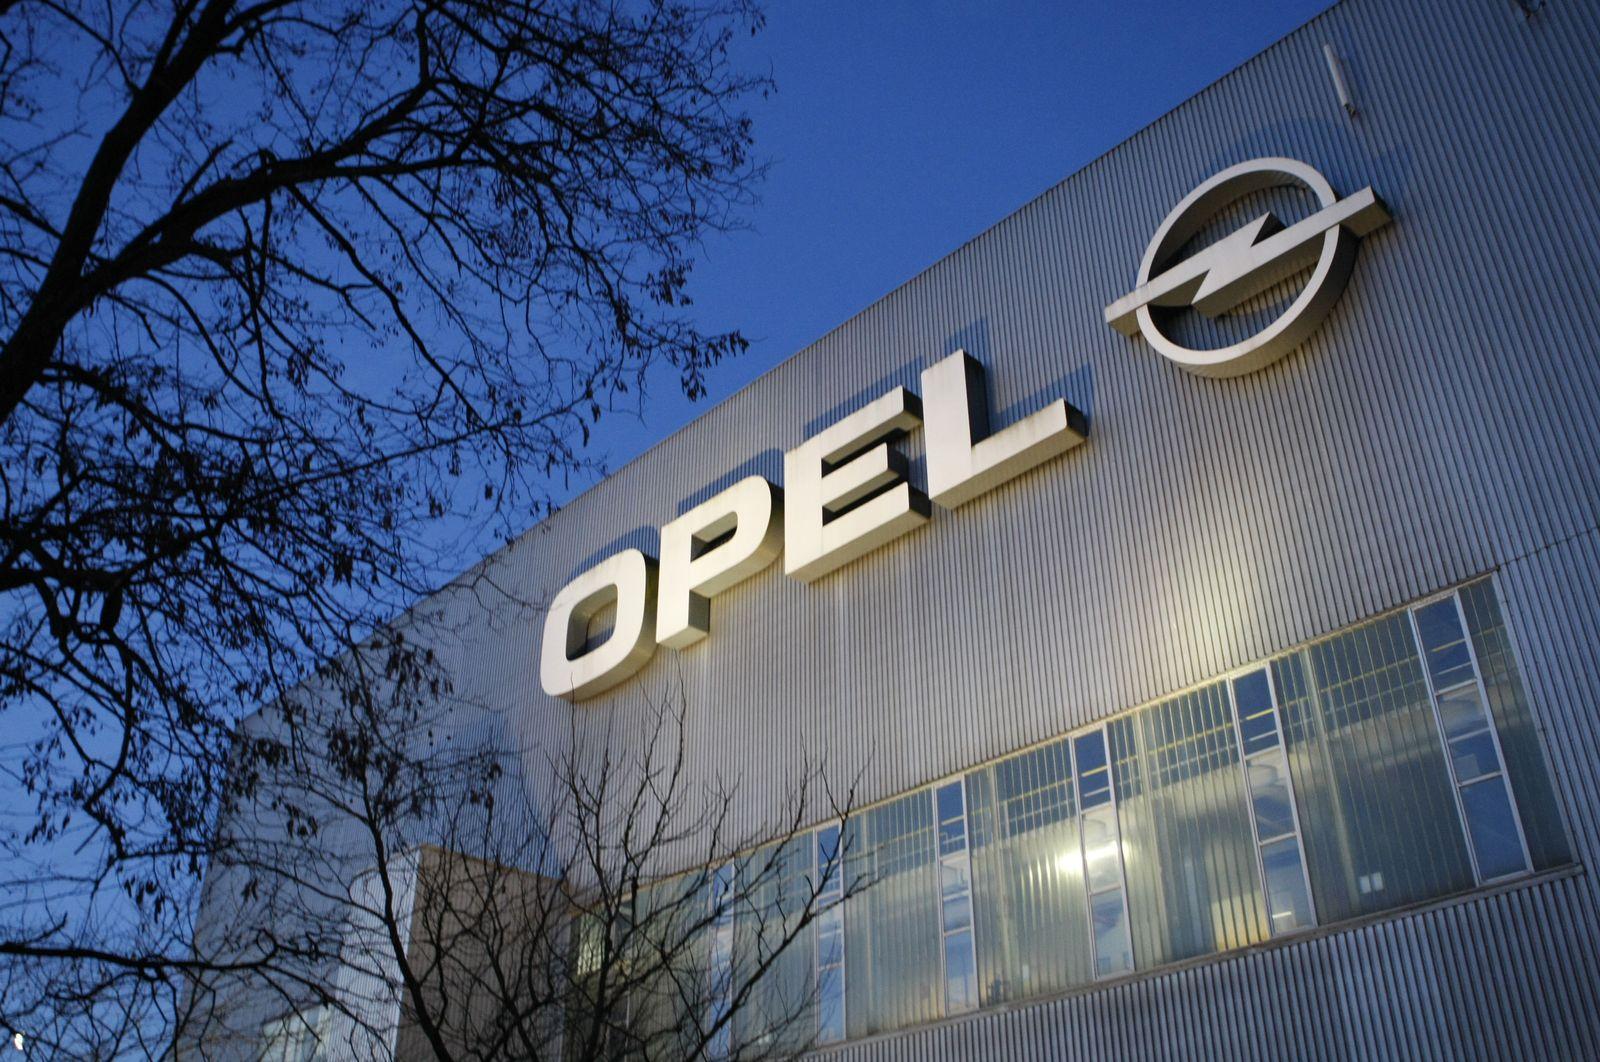 NICHT MEHR VERWENDEN! - Opel /Bochum /Logo